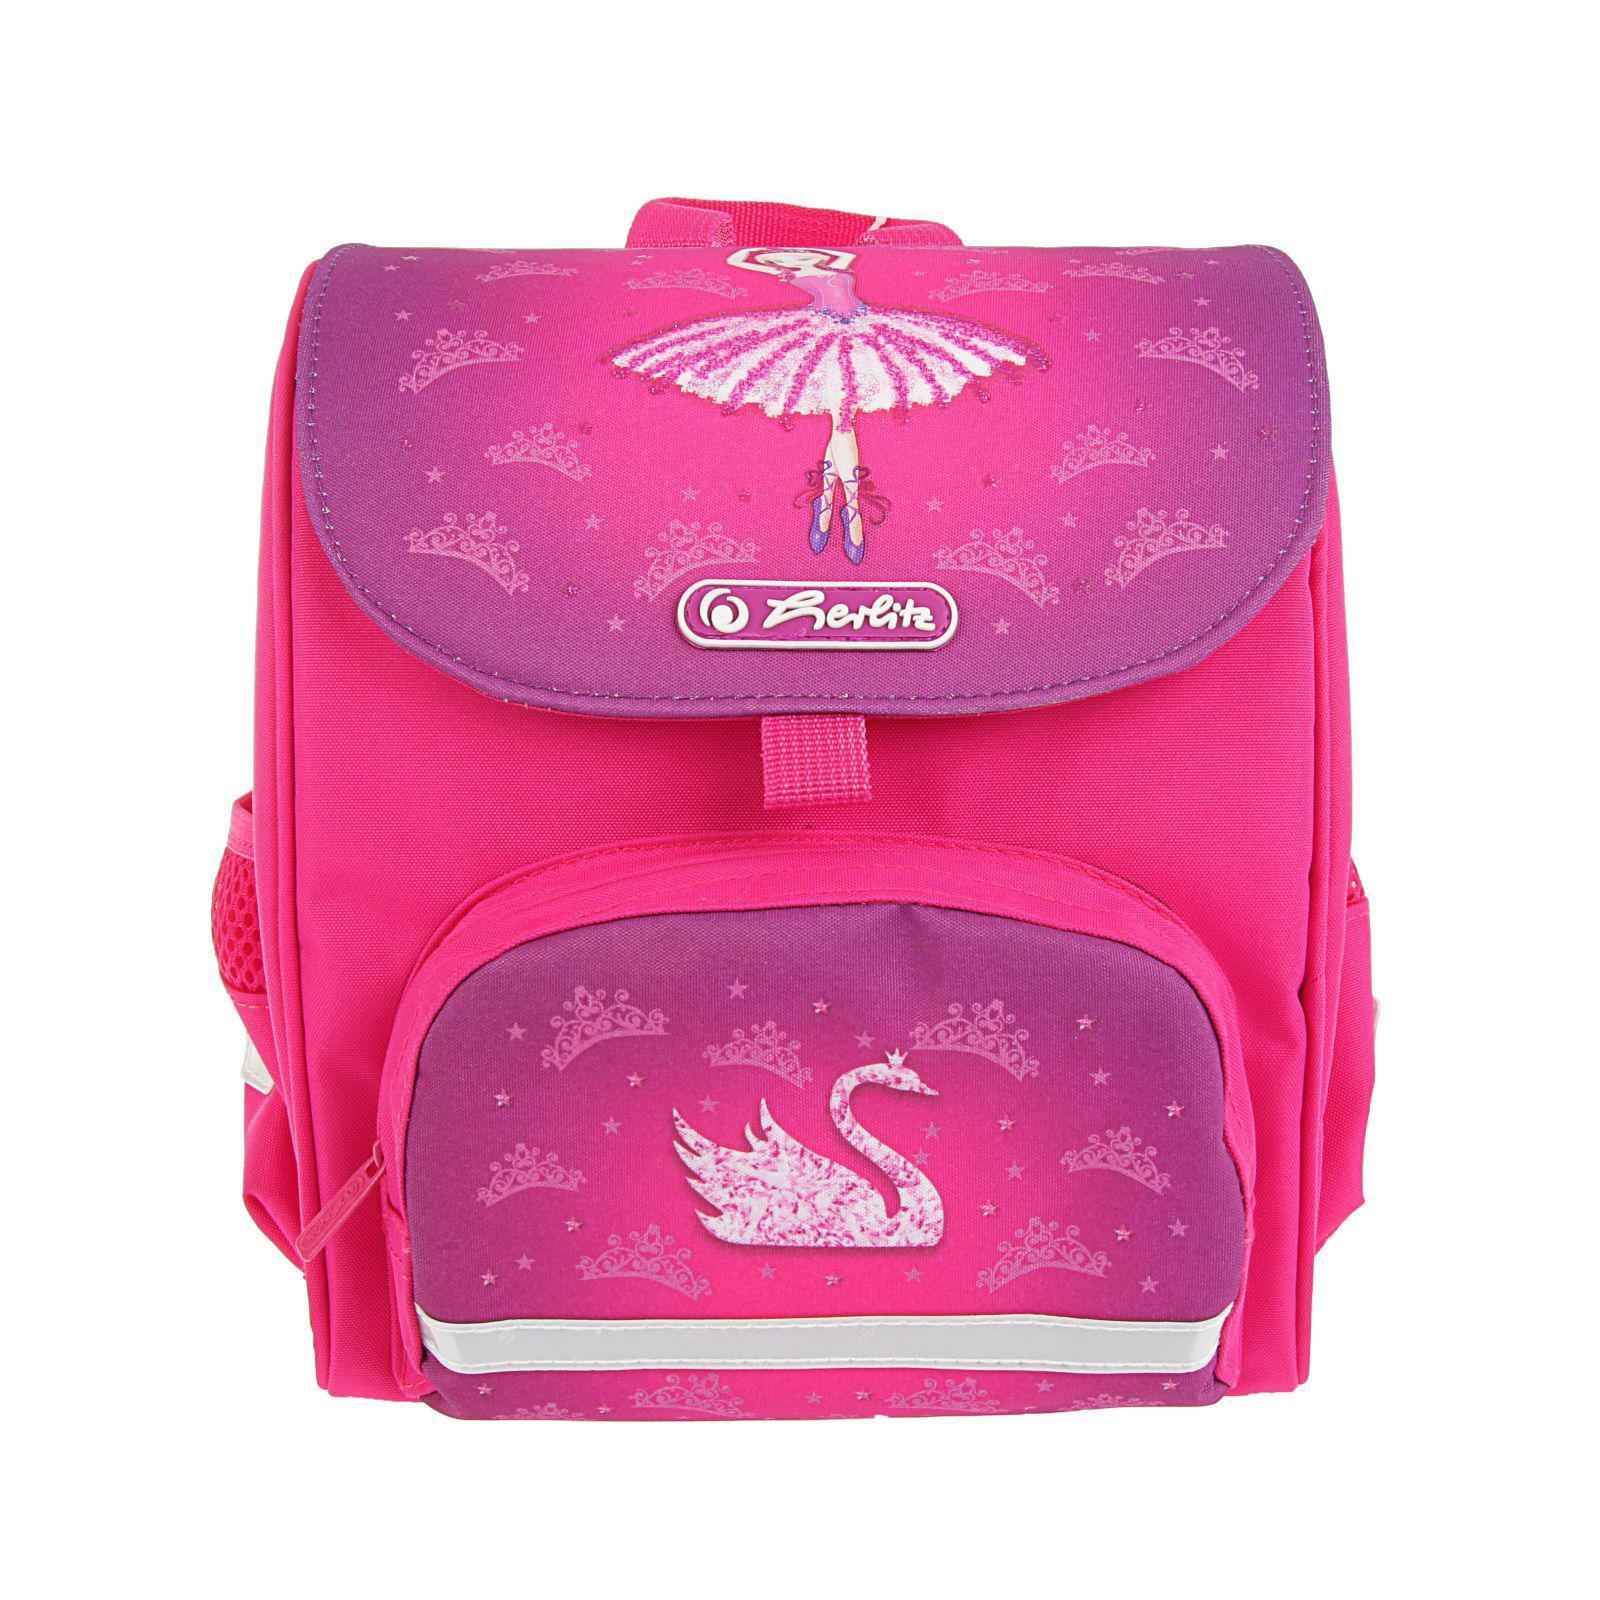 Ранец дошкольный Mini Softbag - Ballerina, без наполненияДетские рюкзаки<br>Ранец дошкольный Mini Softbag - Ballerina, без наполнения<br>